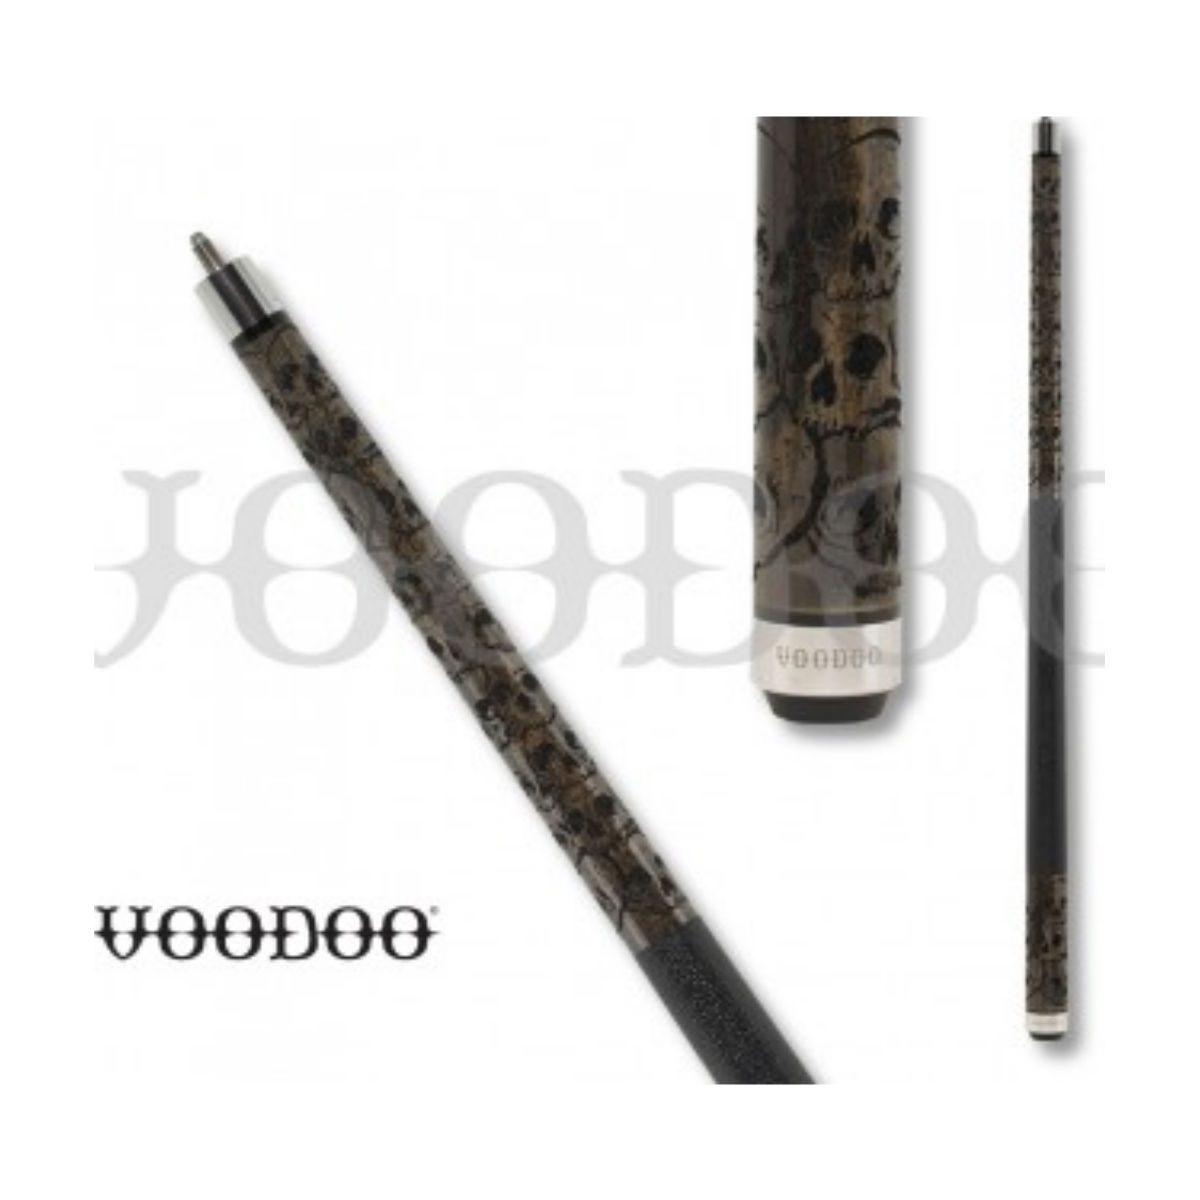 Voodoo - Vod31 - Pool Cue